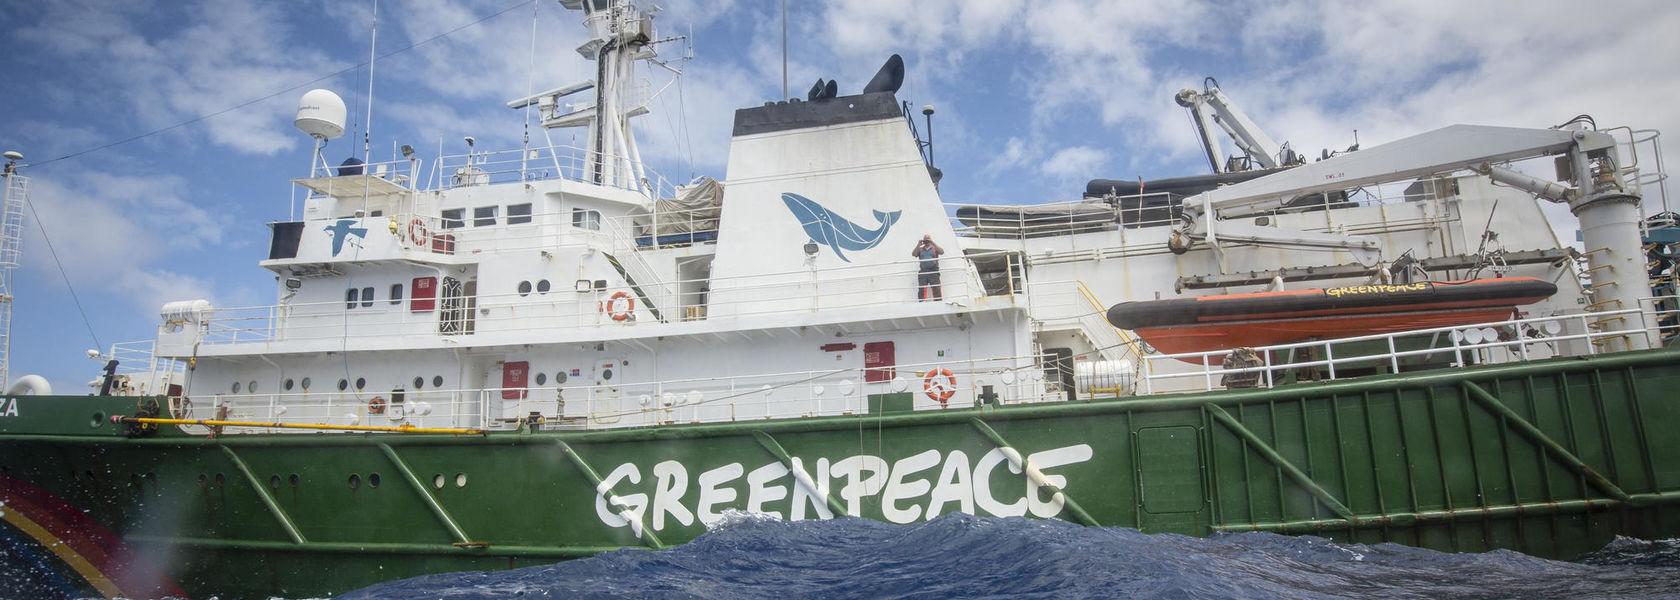 Greenpeace-1680x600.jpg